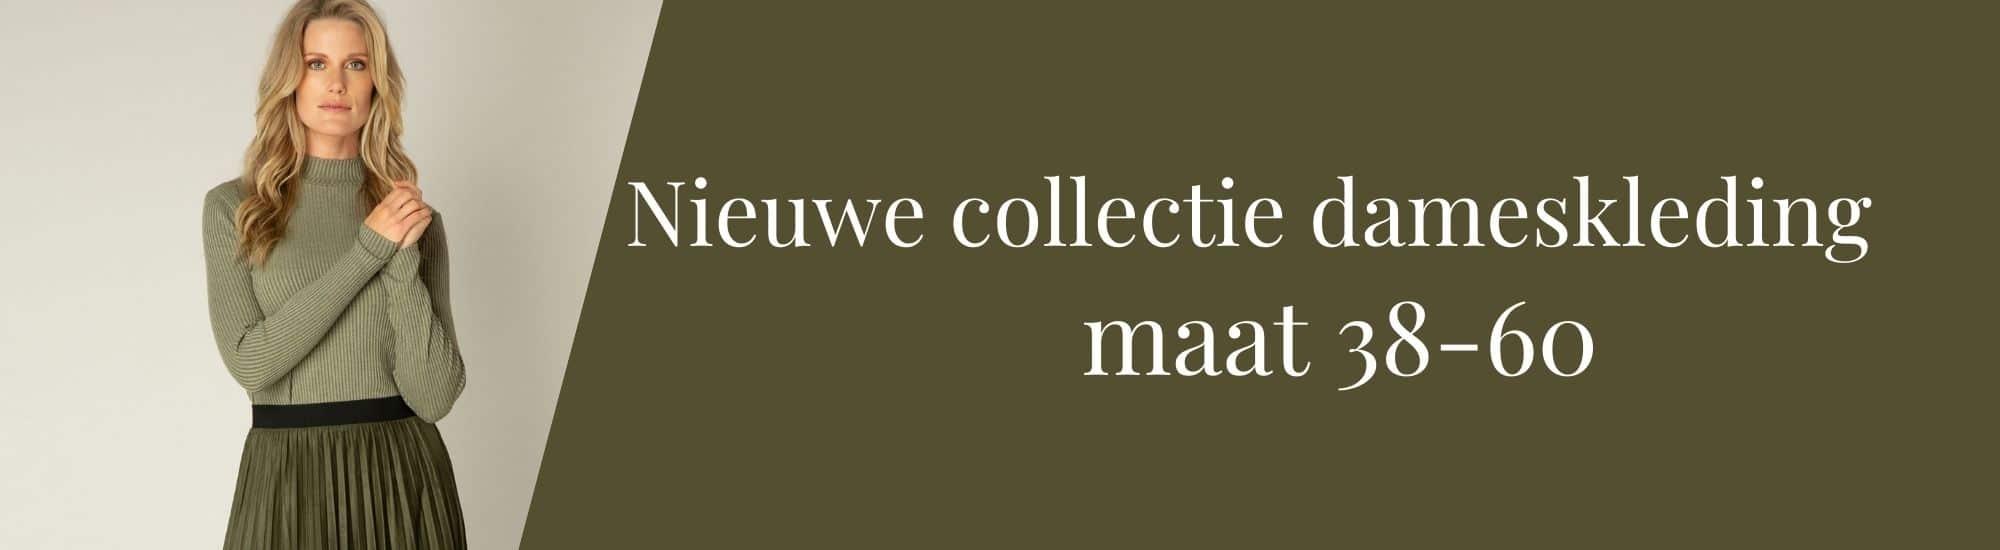 nieuw collectie dameskleding